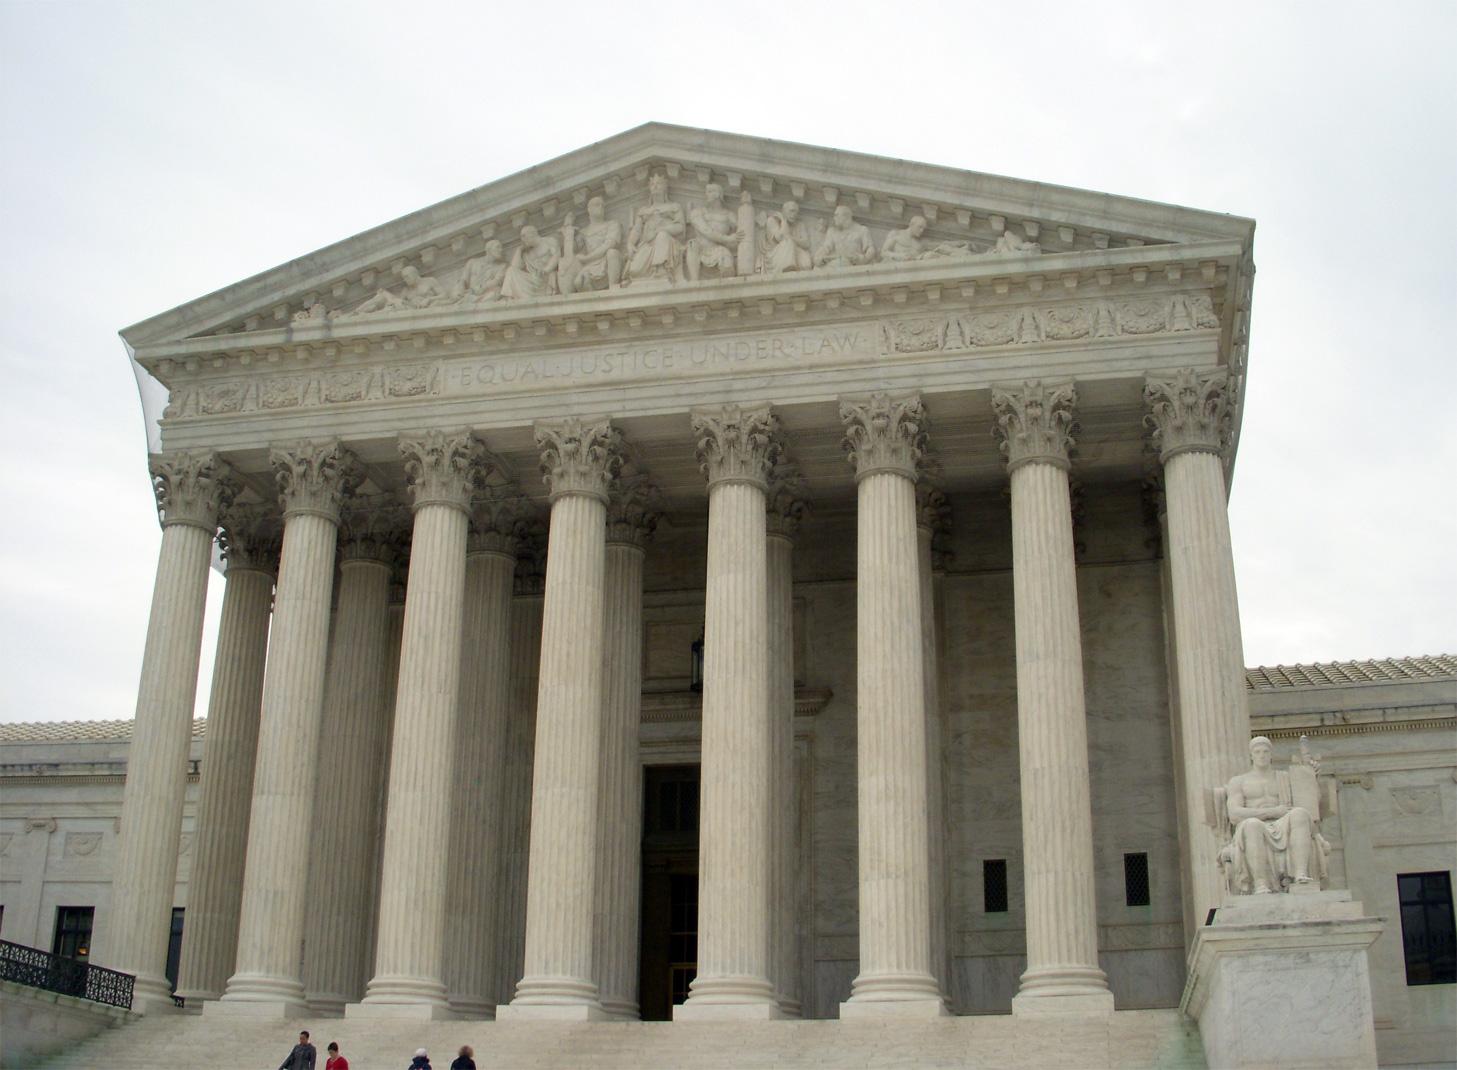 venice appeals court upheld - HD1457×1070